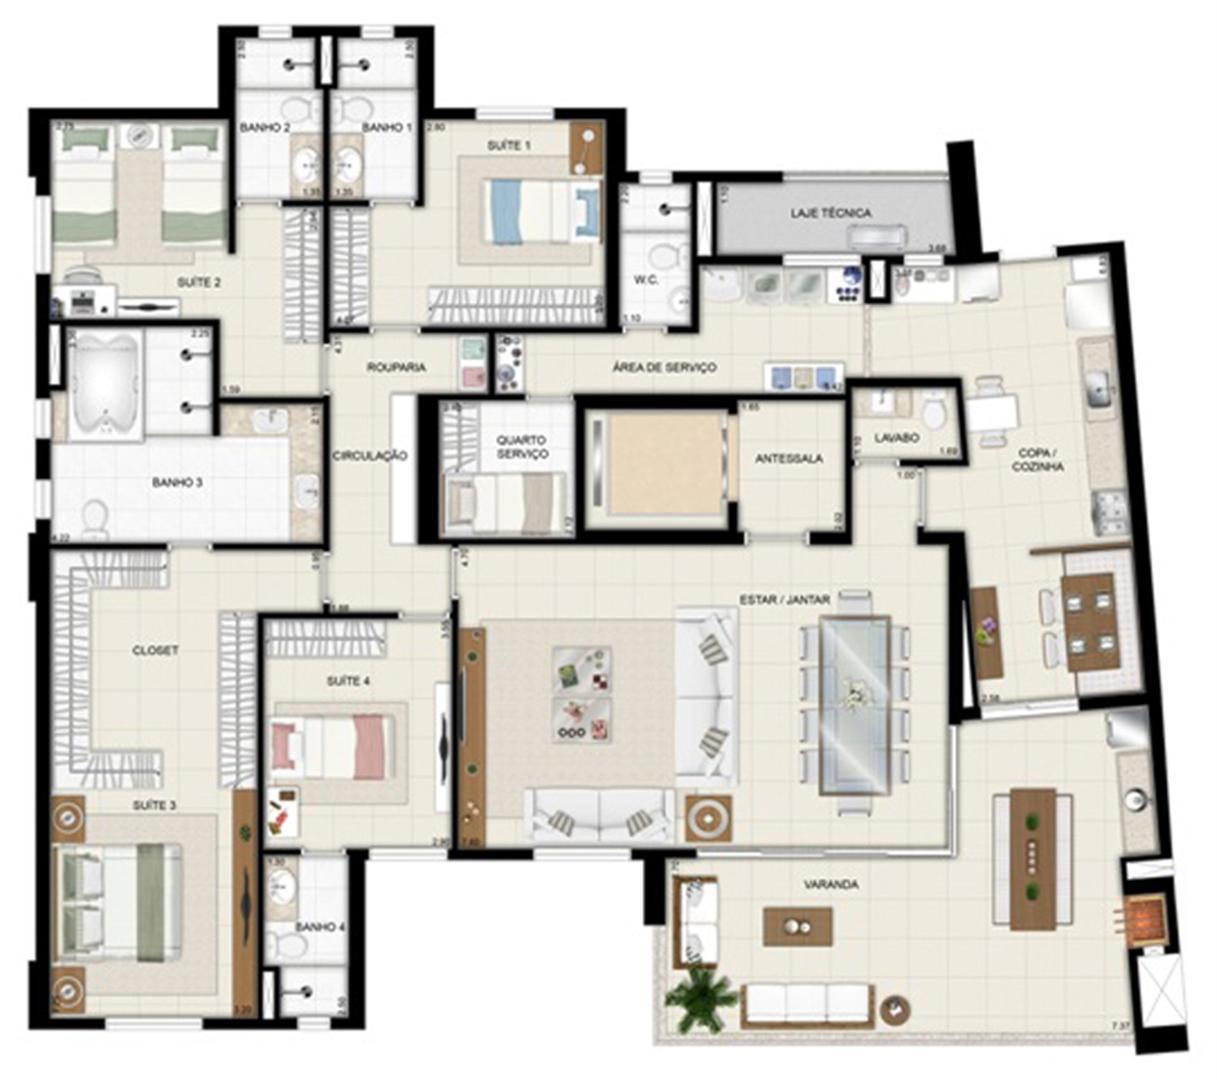 Planta opção - Torre Parc - Final 01 233 m² (3) | Chateau Marista LifeStyle – Apartamento no  Setor Marista - Goiânia - Goiás